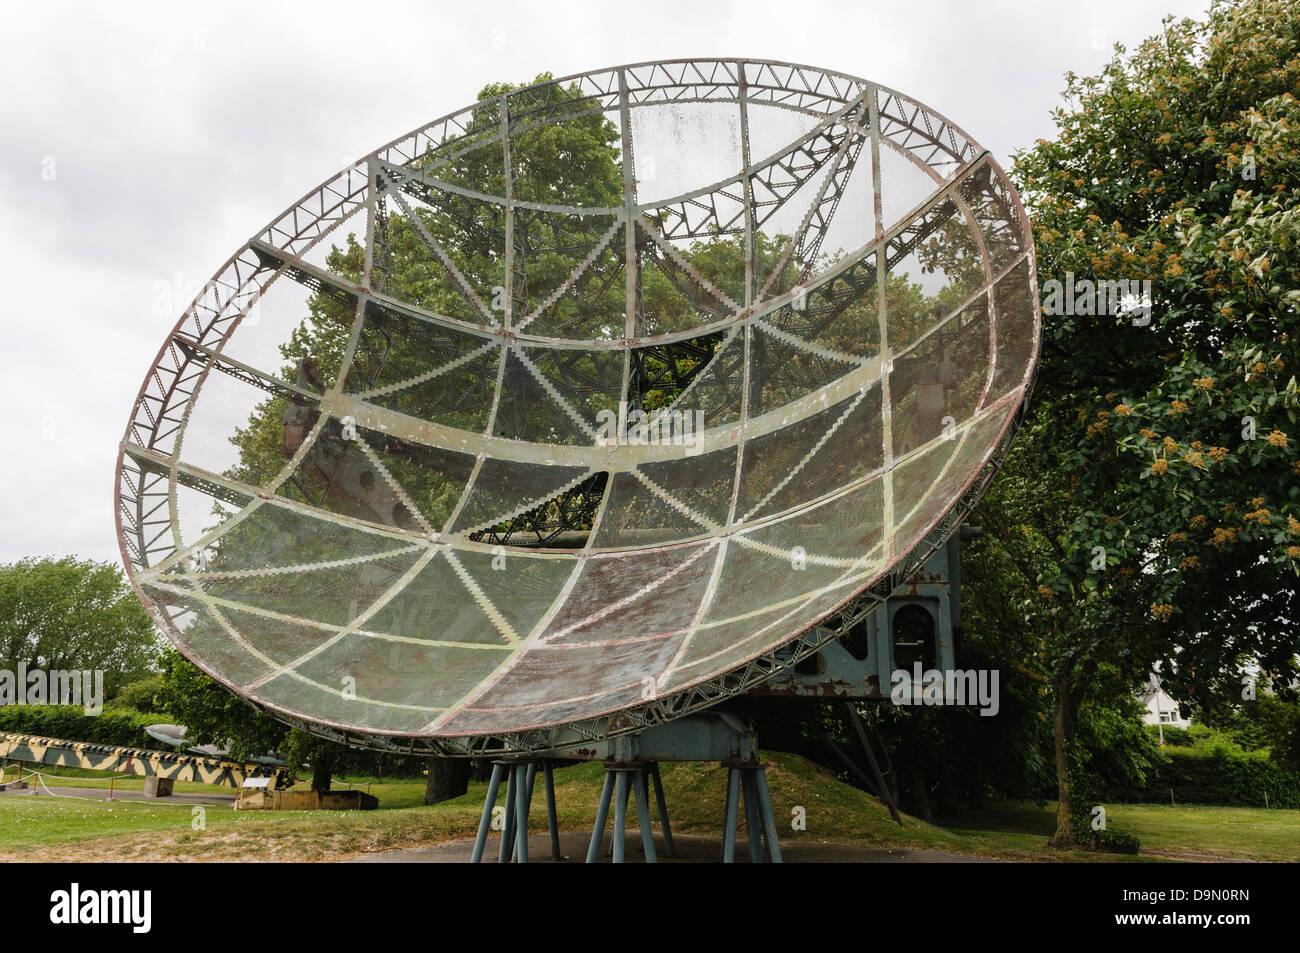 Entfernungsmessung Mit Radar : Riesige wurzberg radar boden kontrollierten abfangen von